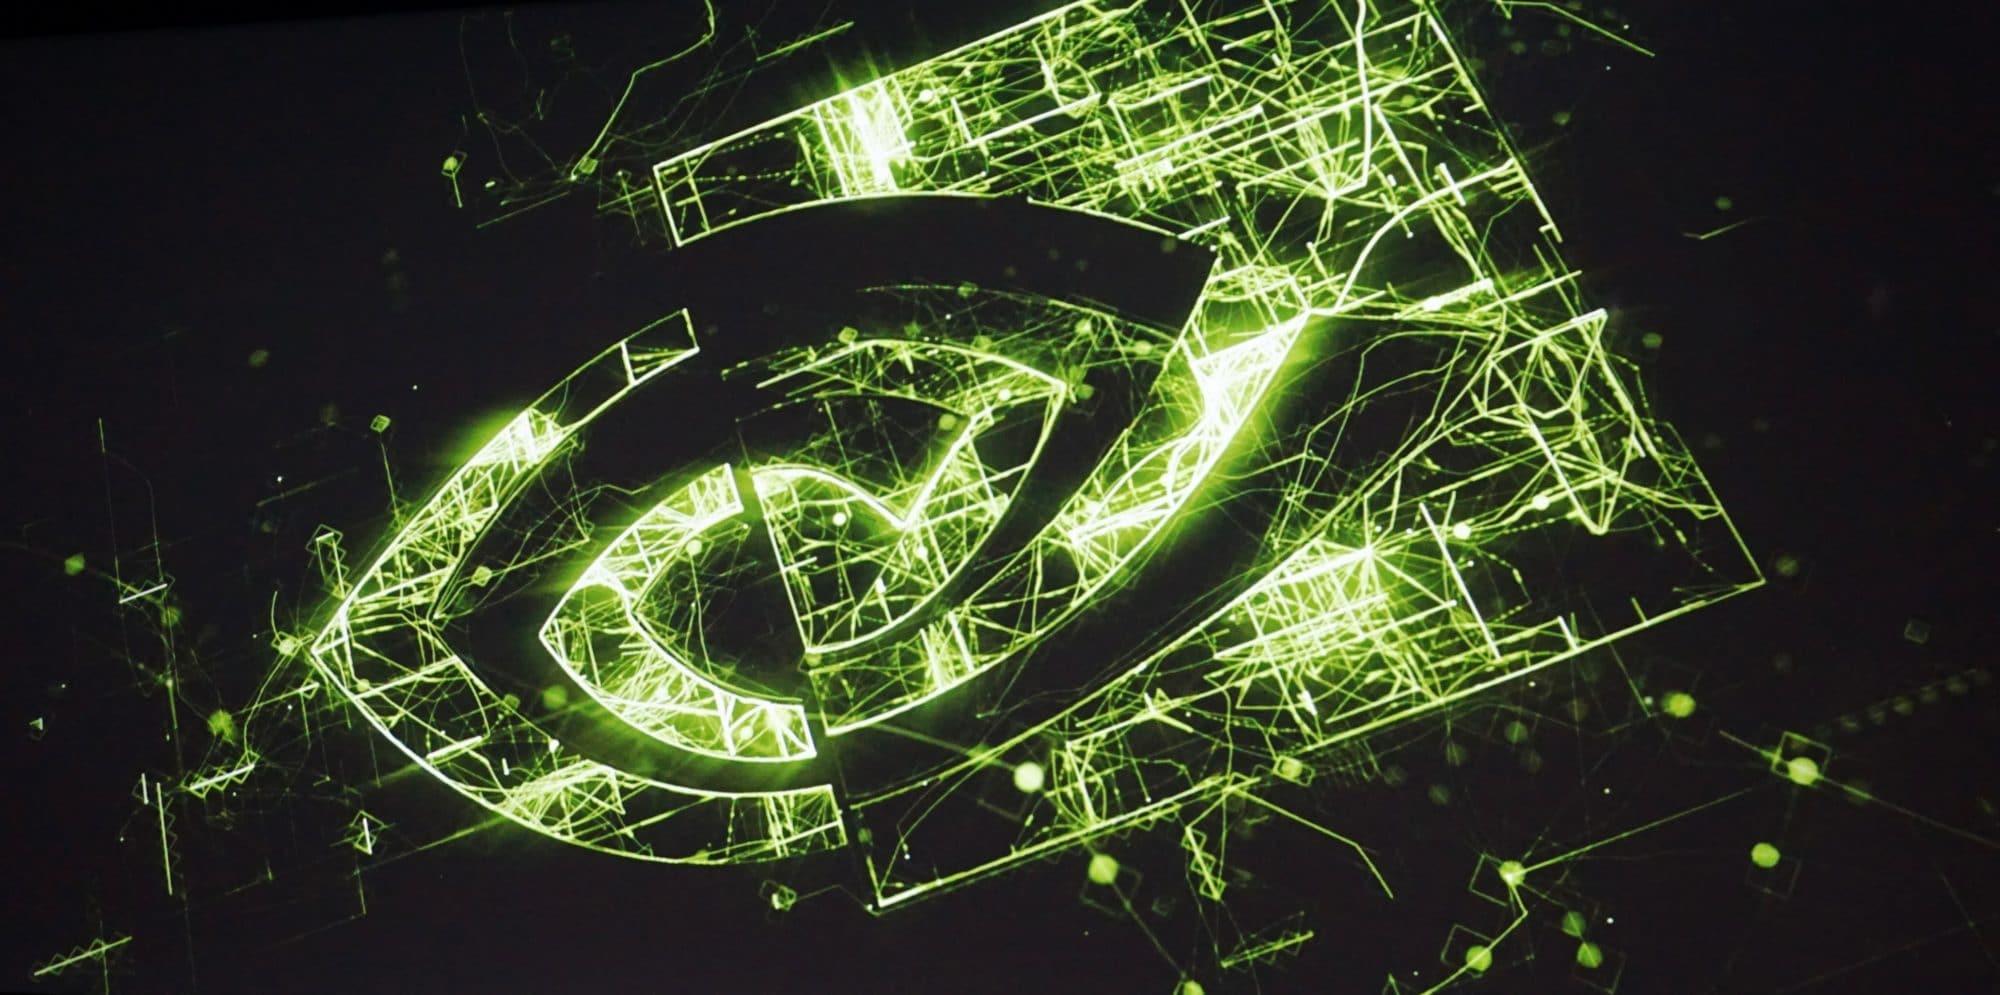 Nvidia Sắp BCTC, Dự Định Chia Tách Cổ Phiếu Với Tỷ Lệ 4:1